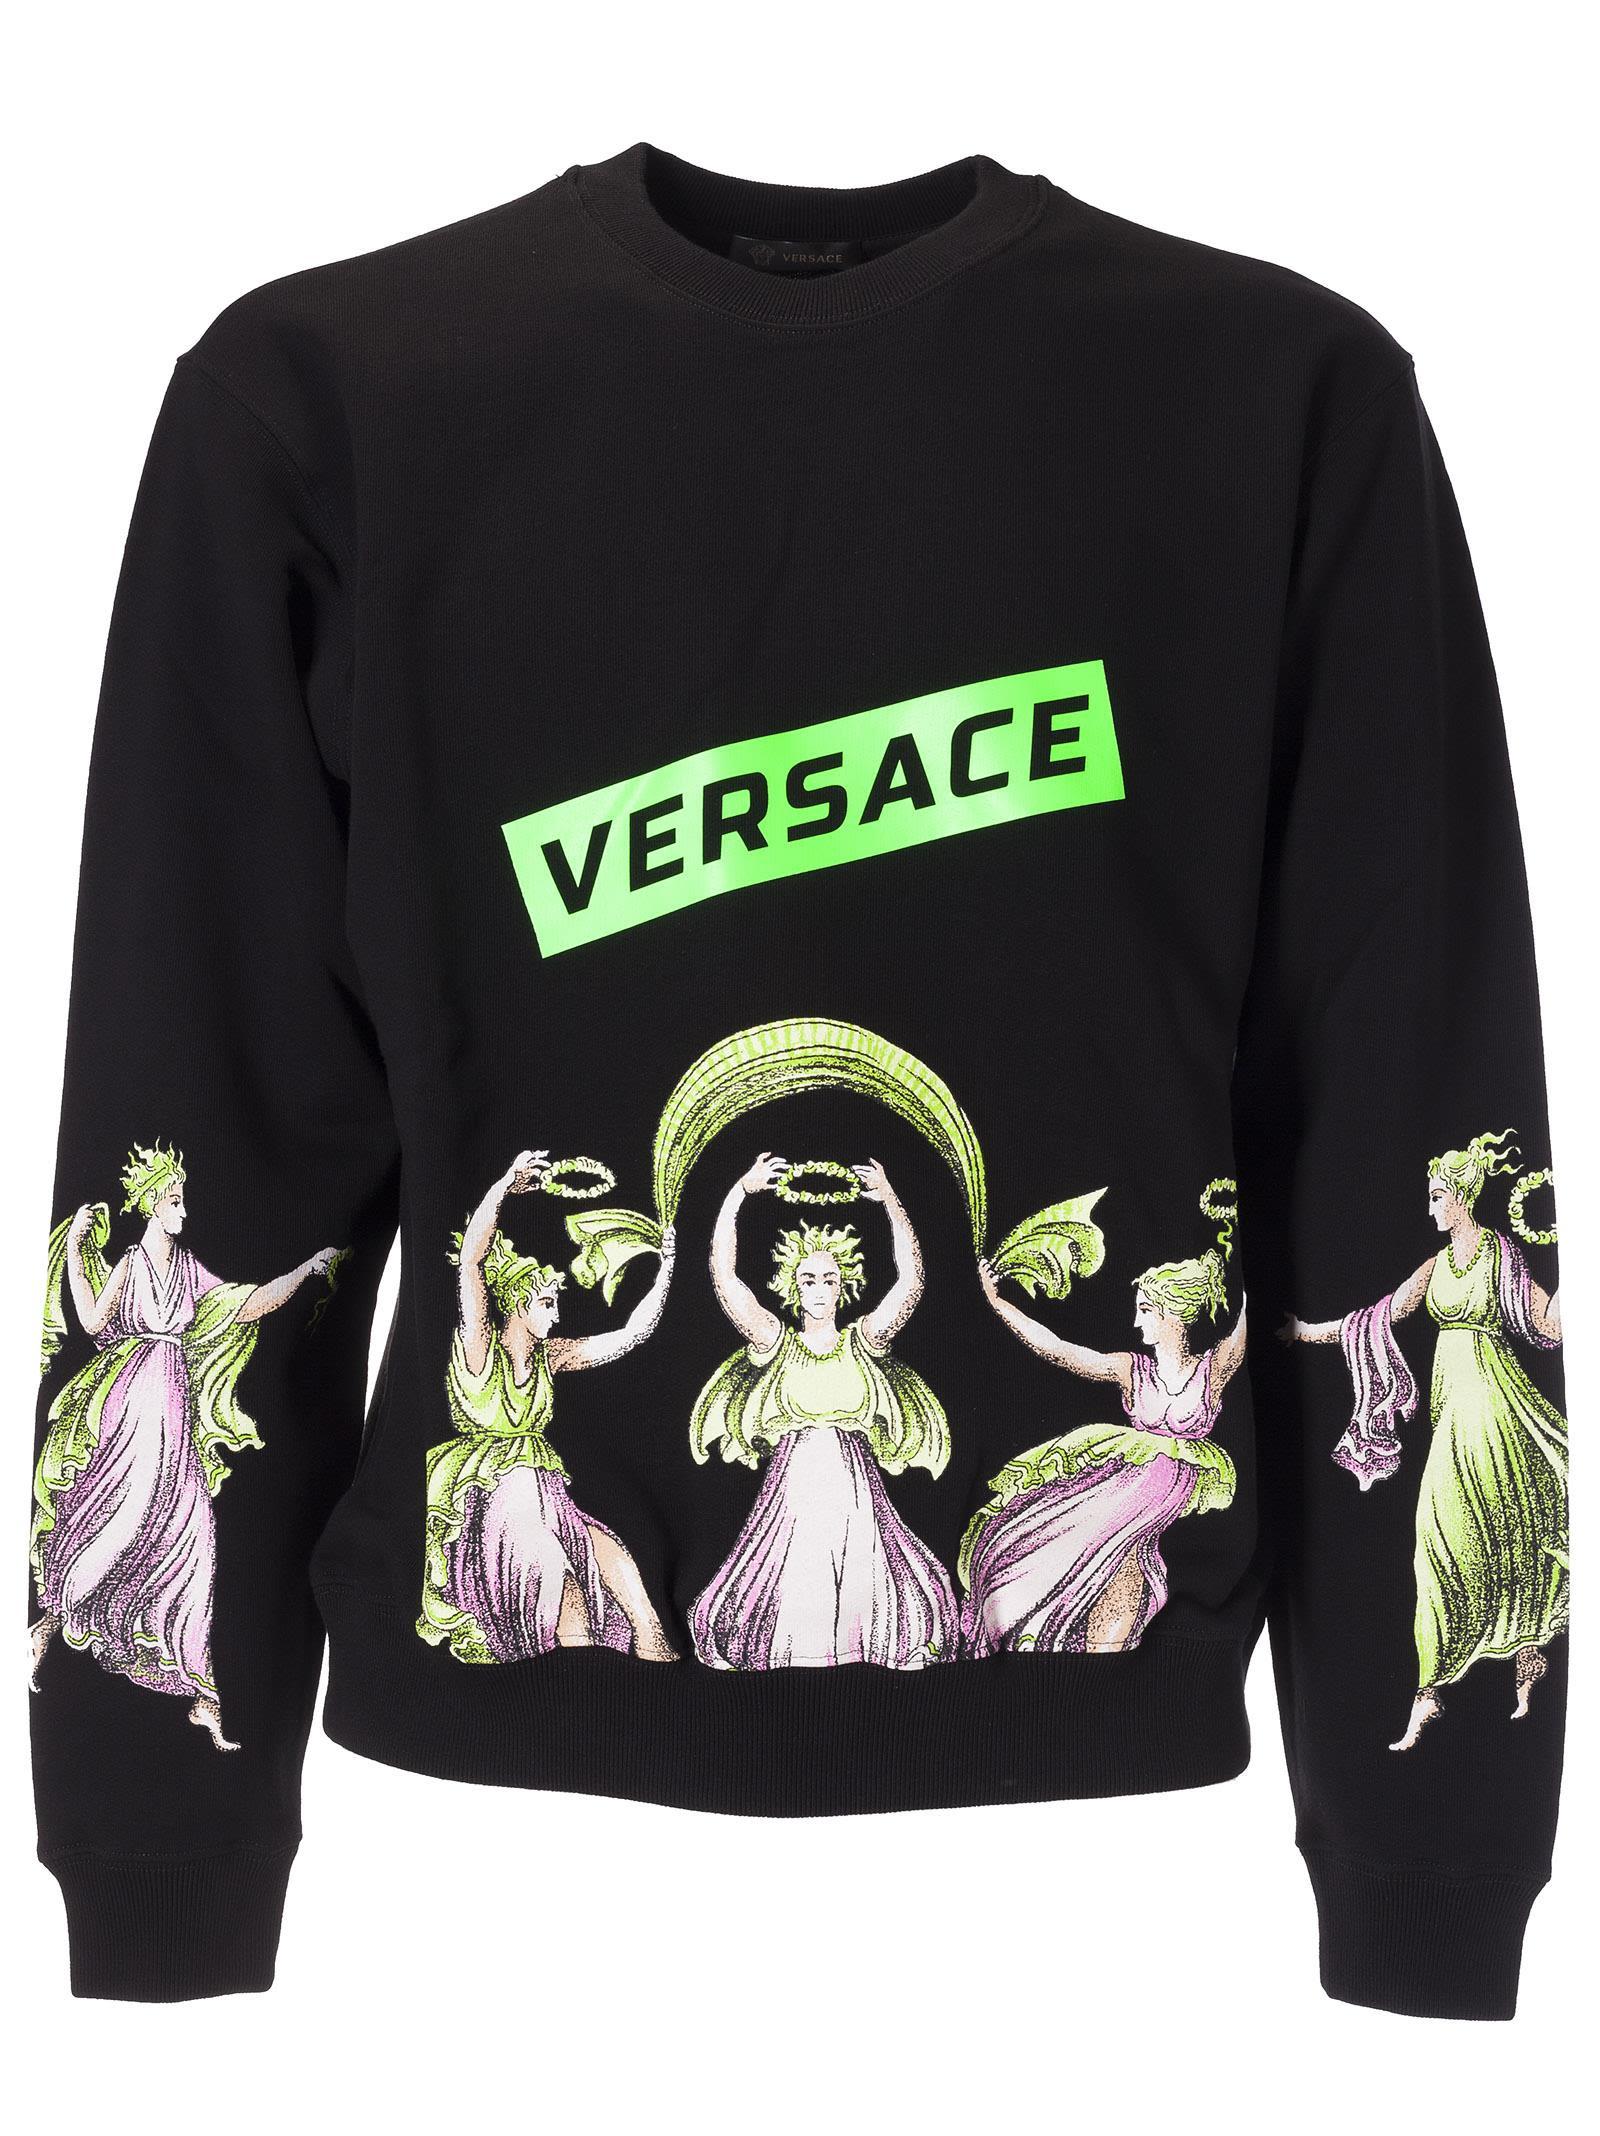 Versace Cupid & Psyche Sweatshirt